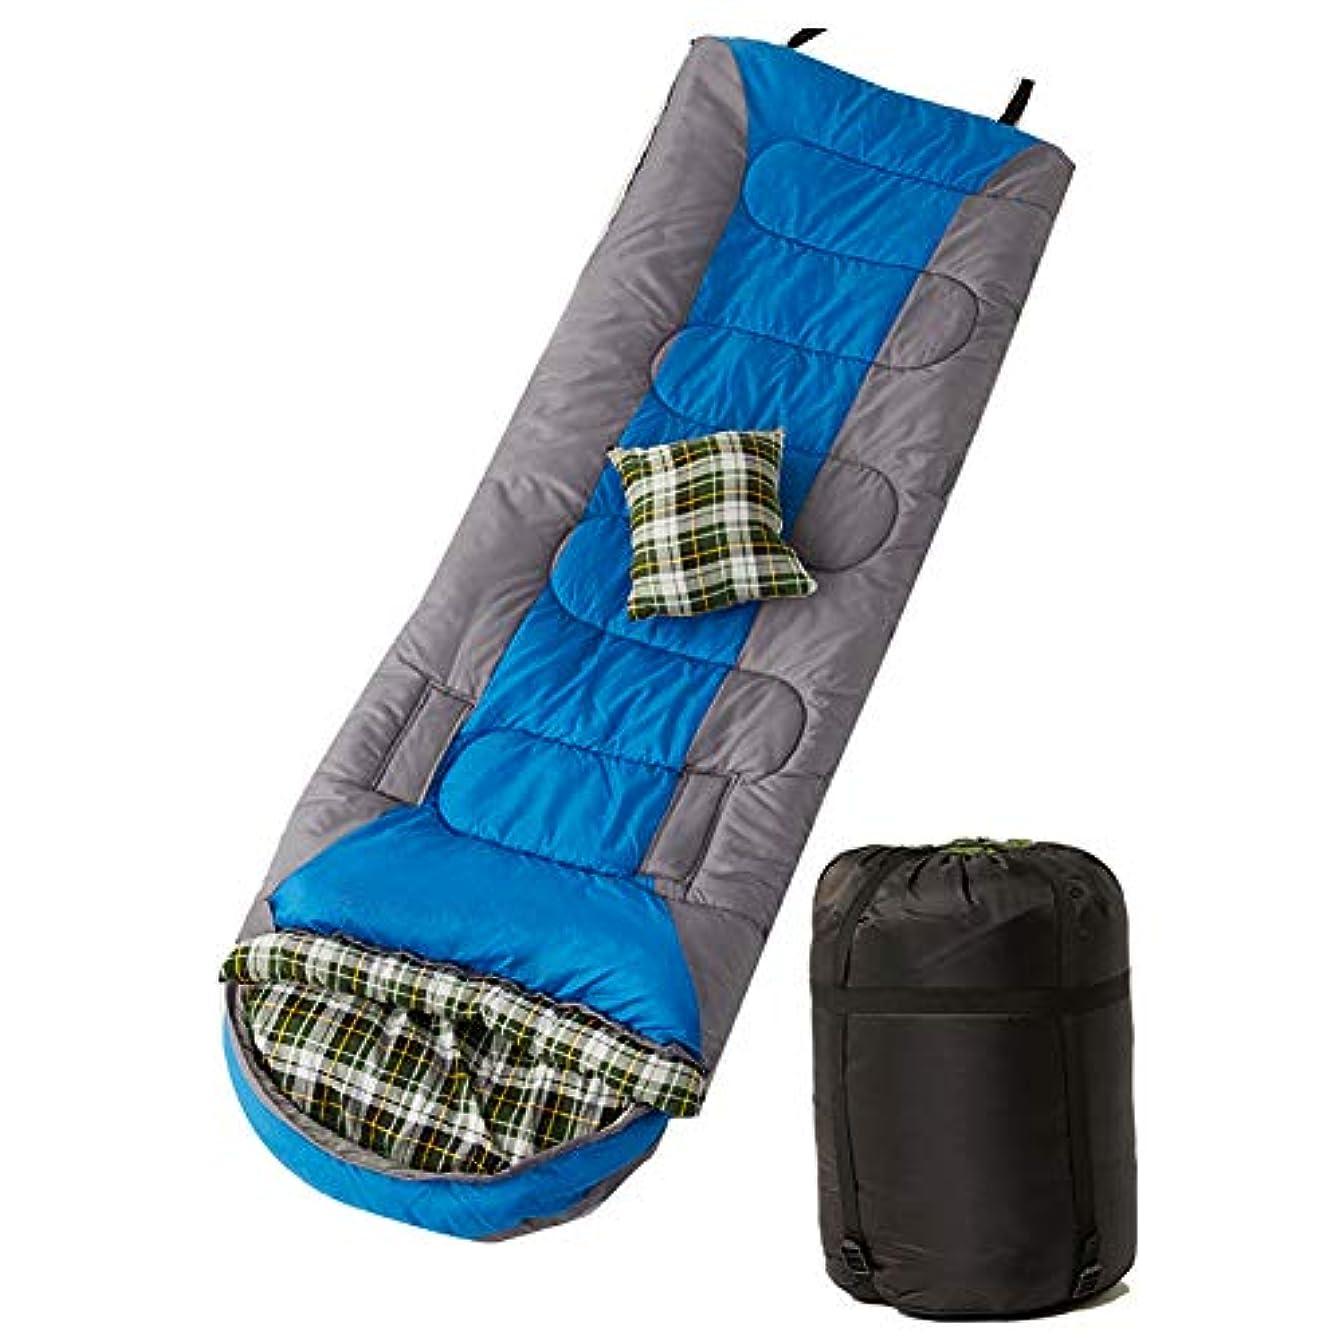 経験者同一のほのか寝袋 シングル 封筒型 取り外し可能 四季使用 シュラフ 収納袋付き アウトドア 登山 車中泊 キャンプ 防災用 災害時 避難用